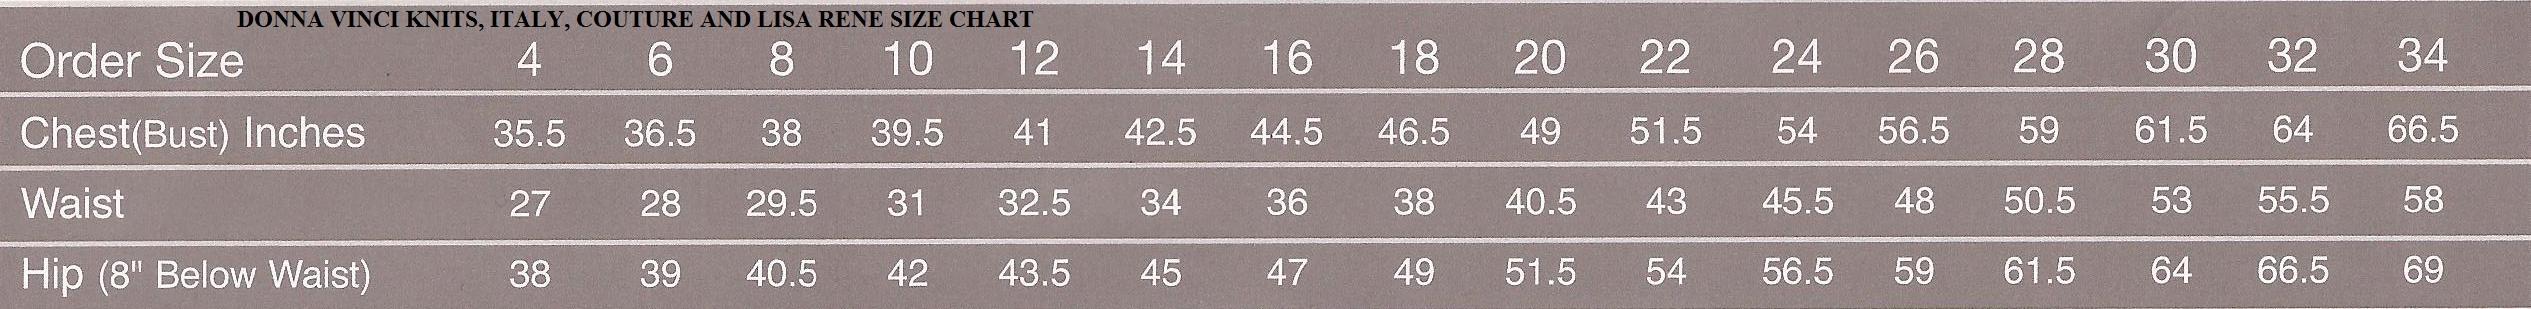 donna-vinci-sizes.jpg